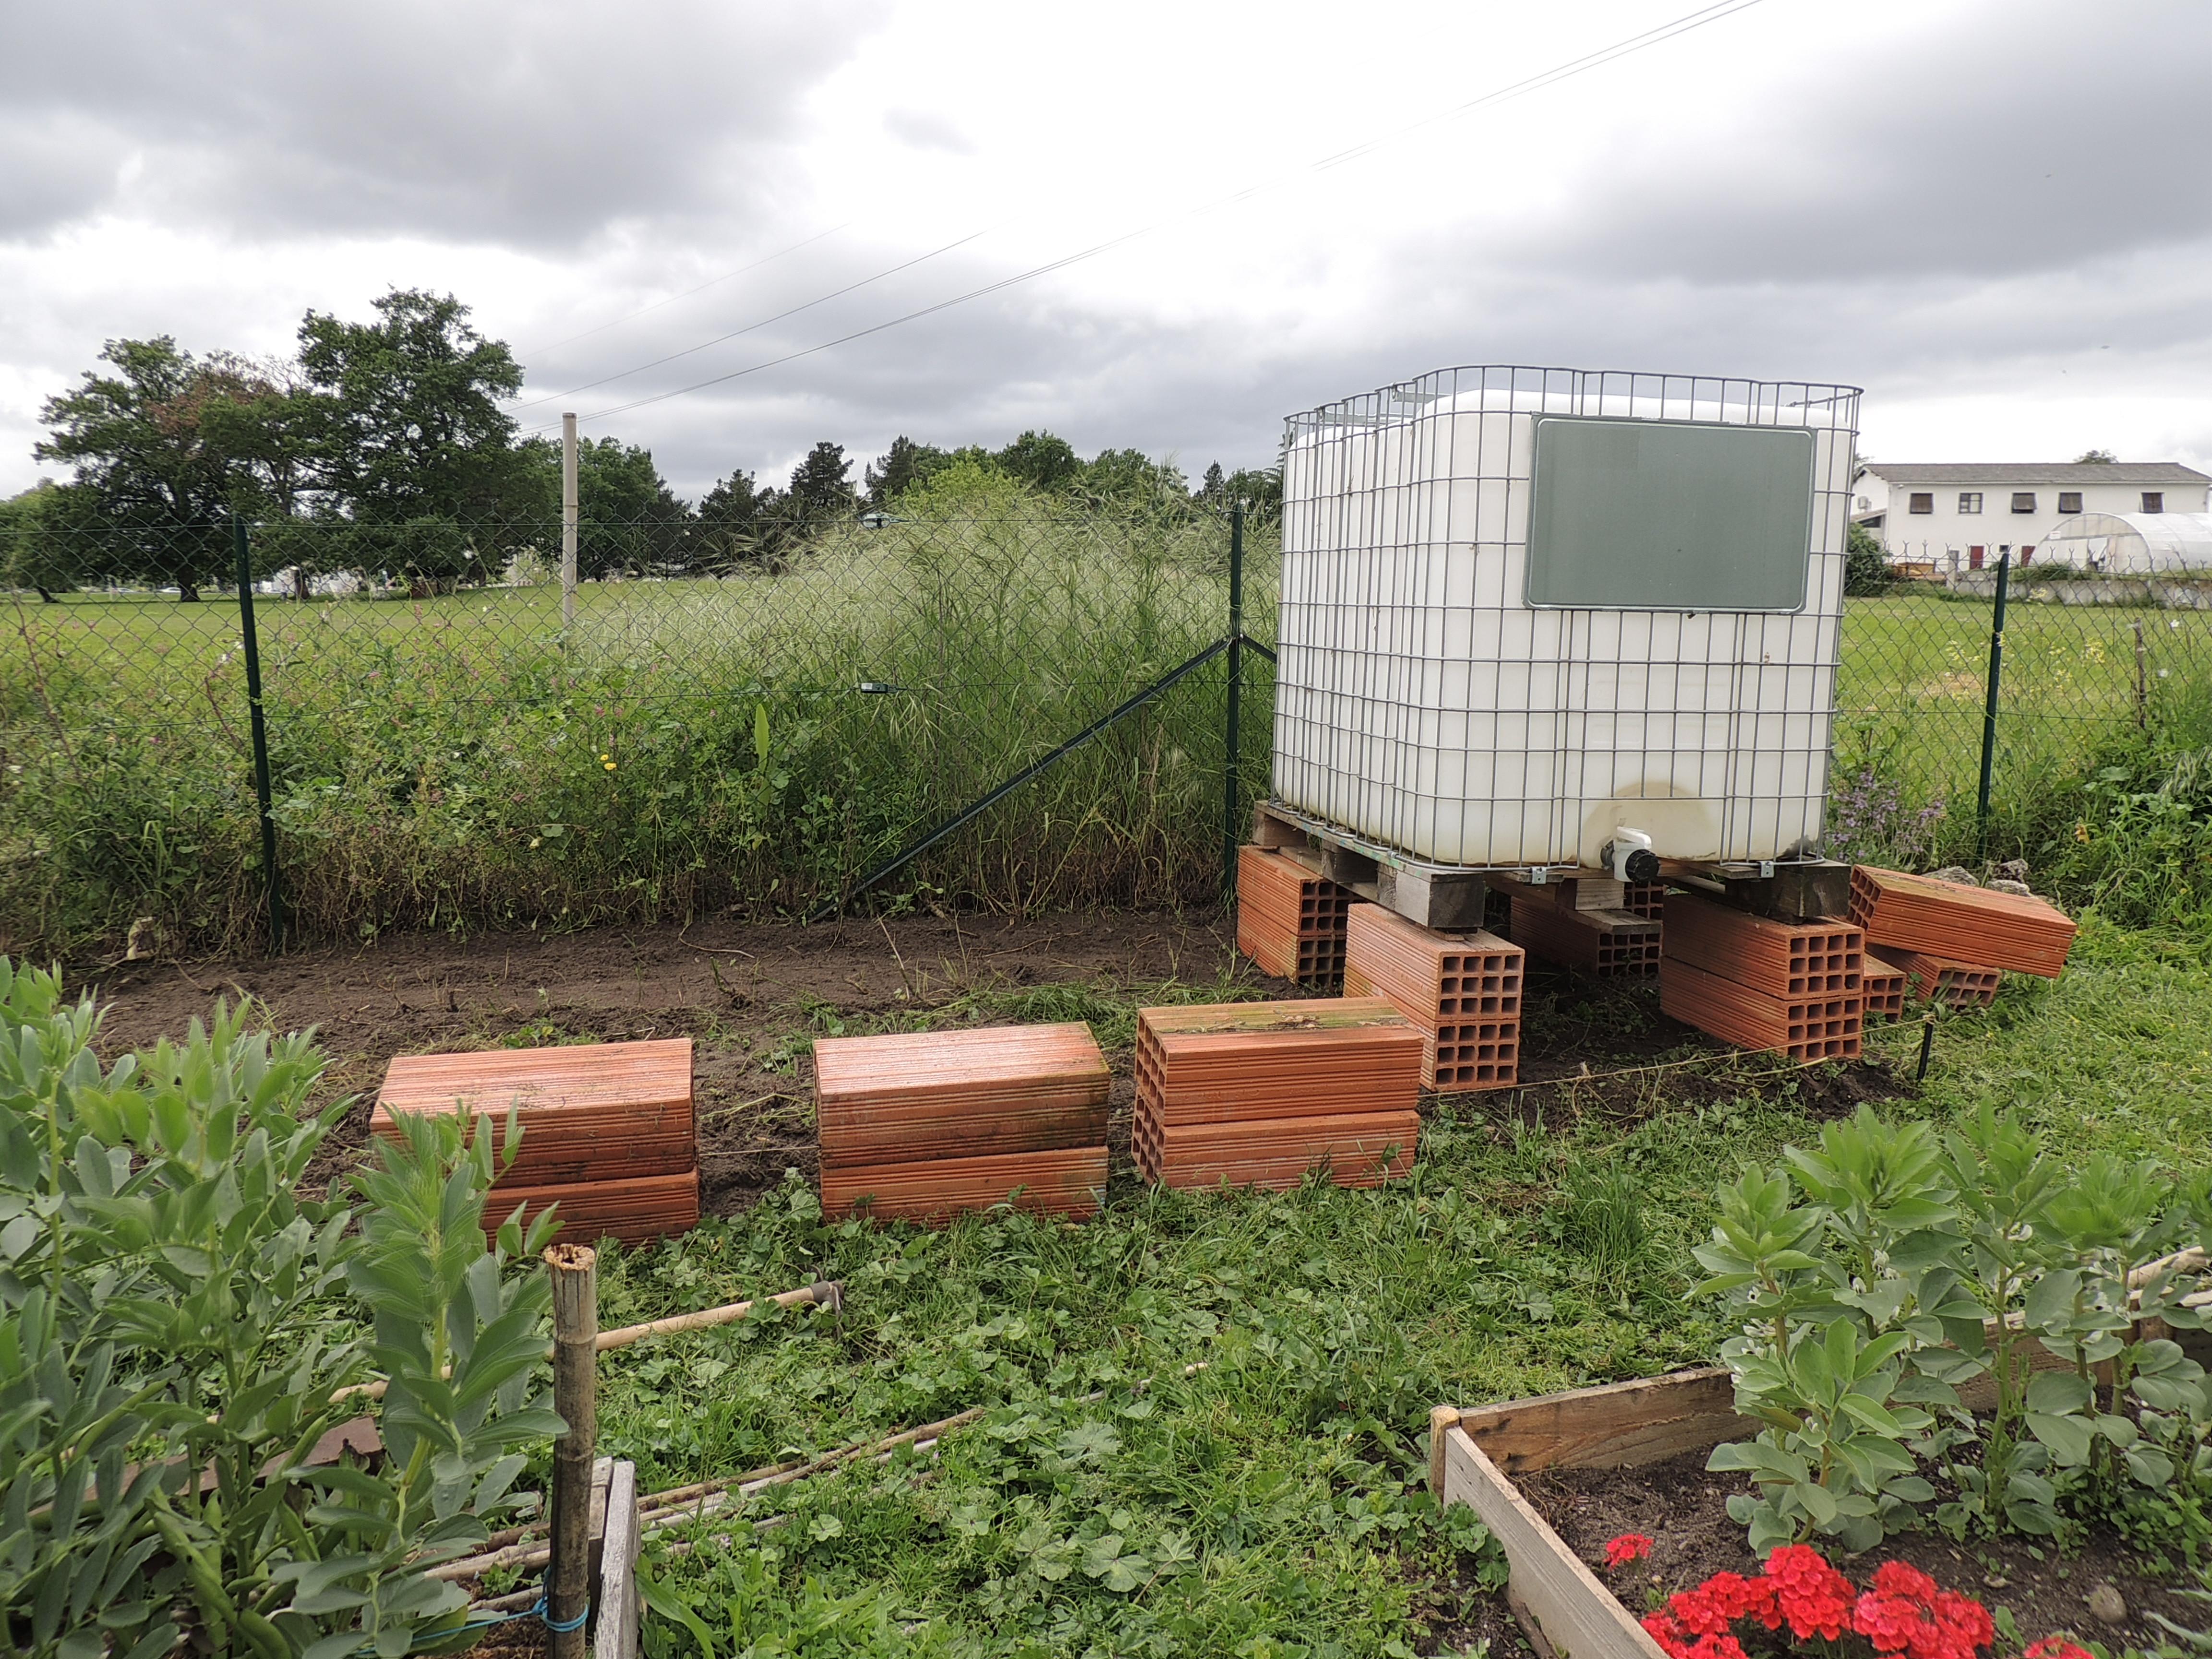 Arrosage de jardin automatique 21444 jardin id es for Arrosage automatique jardin